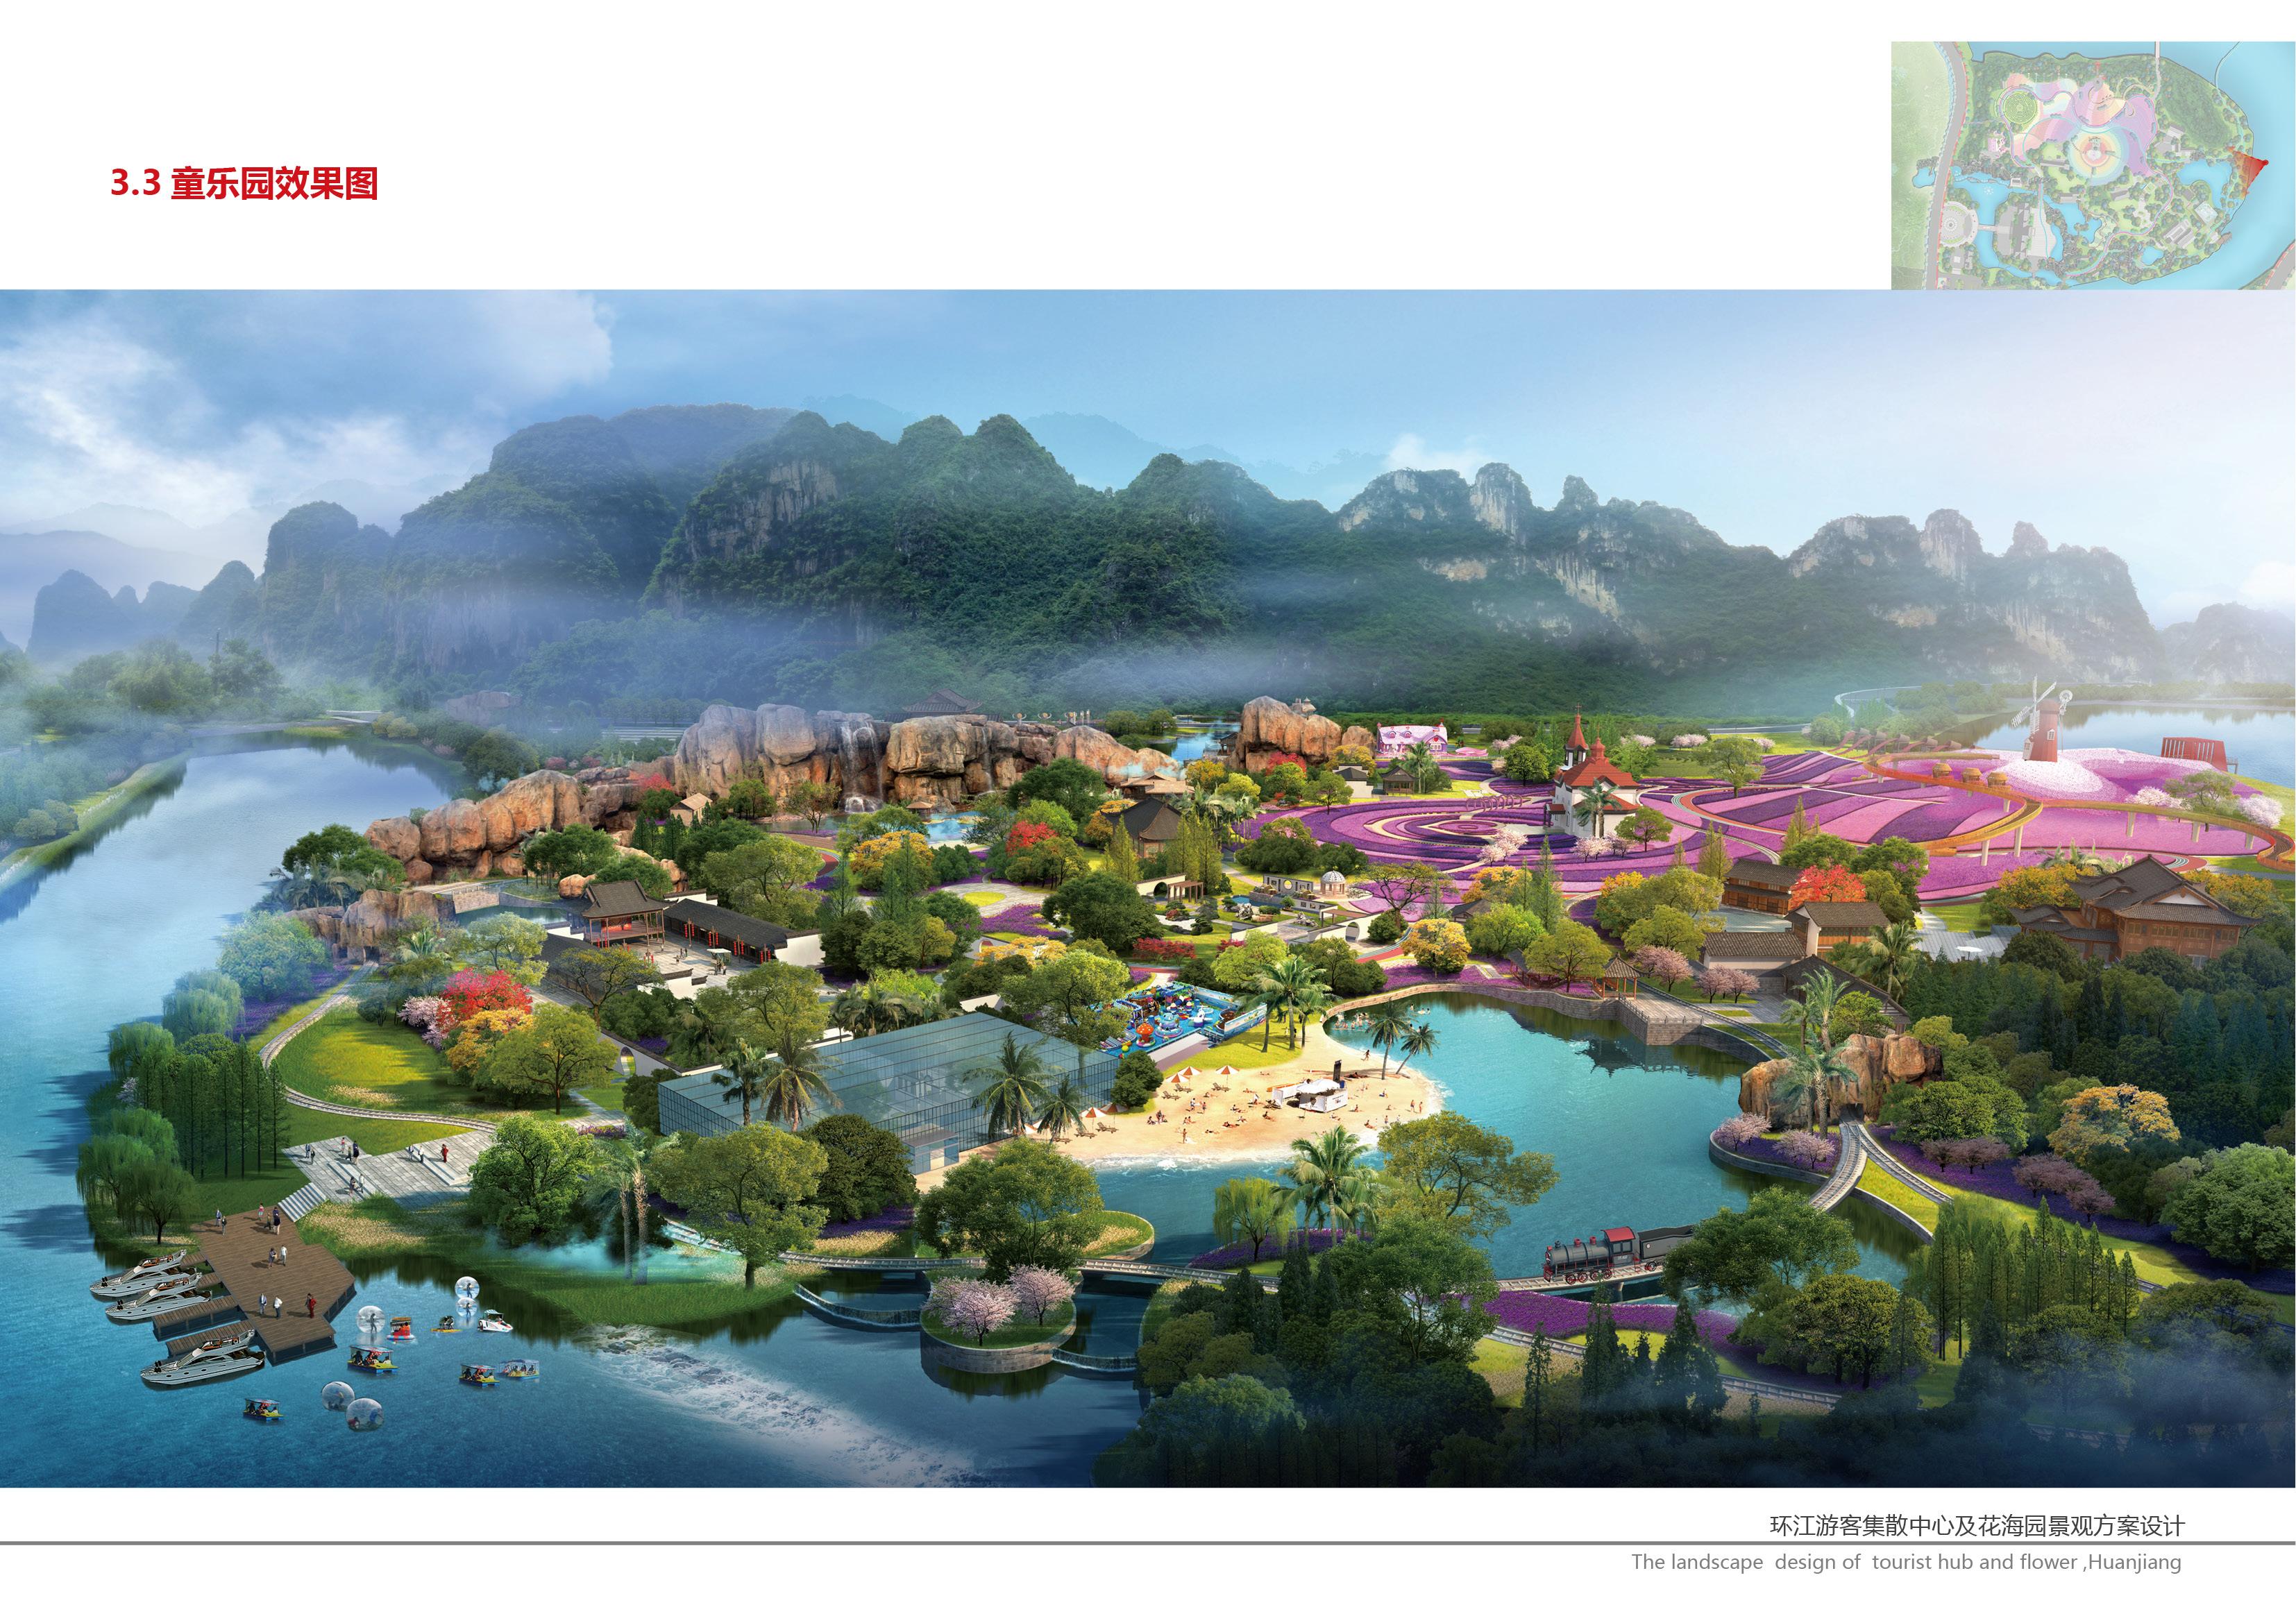 环江下卜花海-环江下卜花海园景观设计82